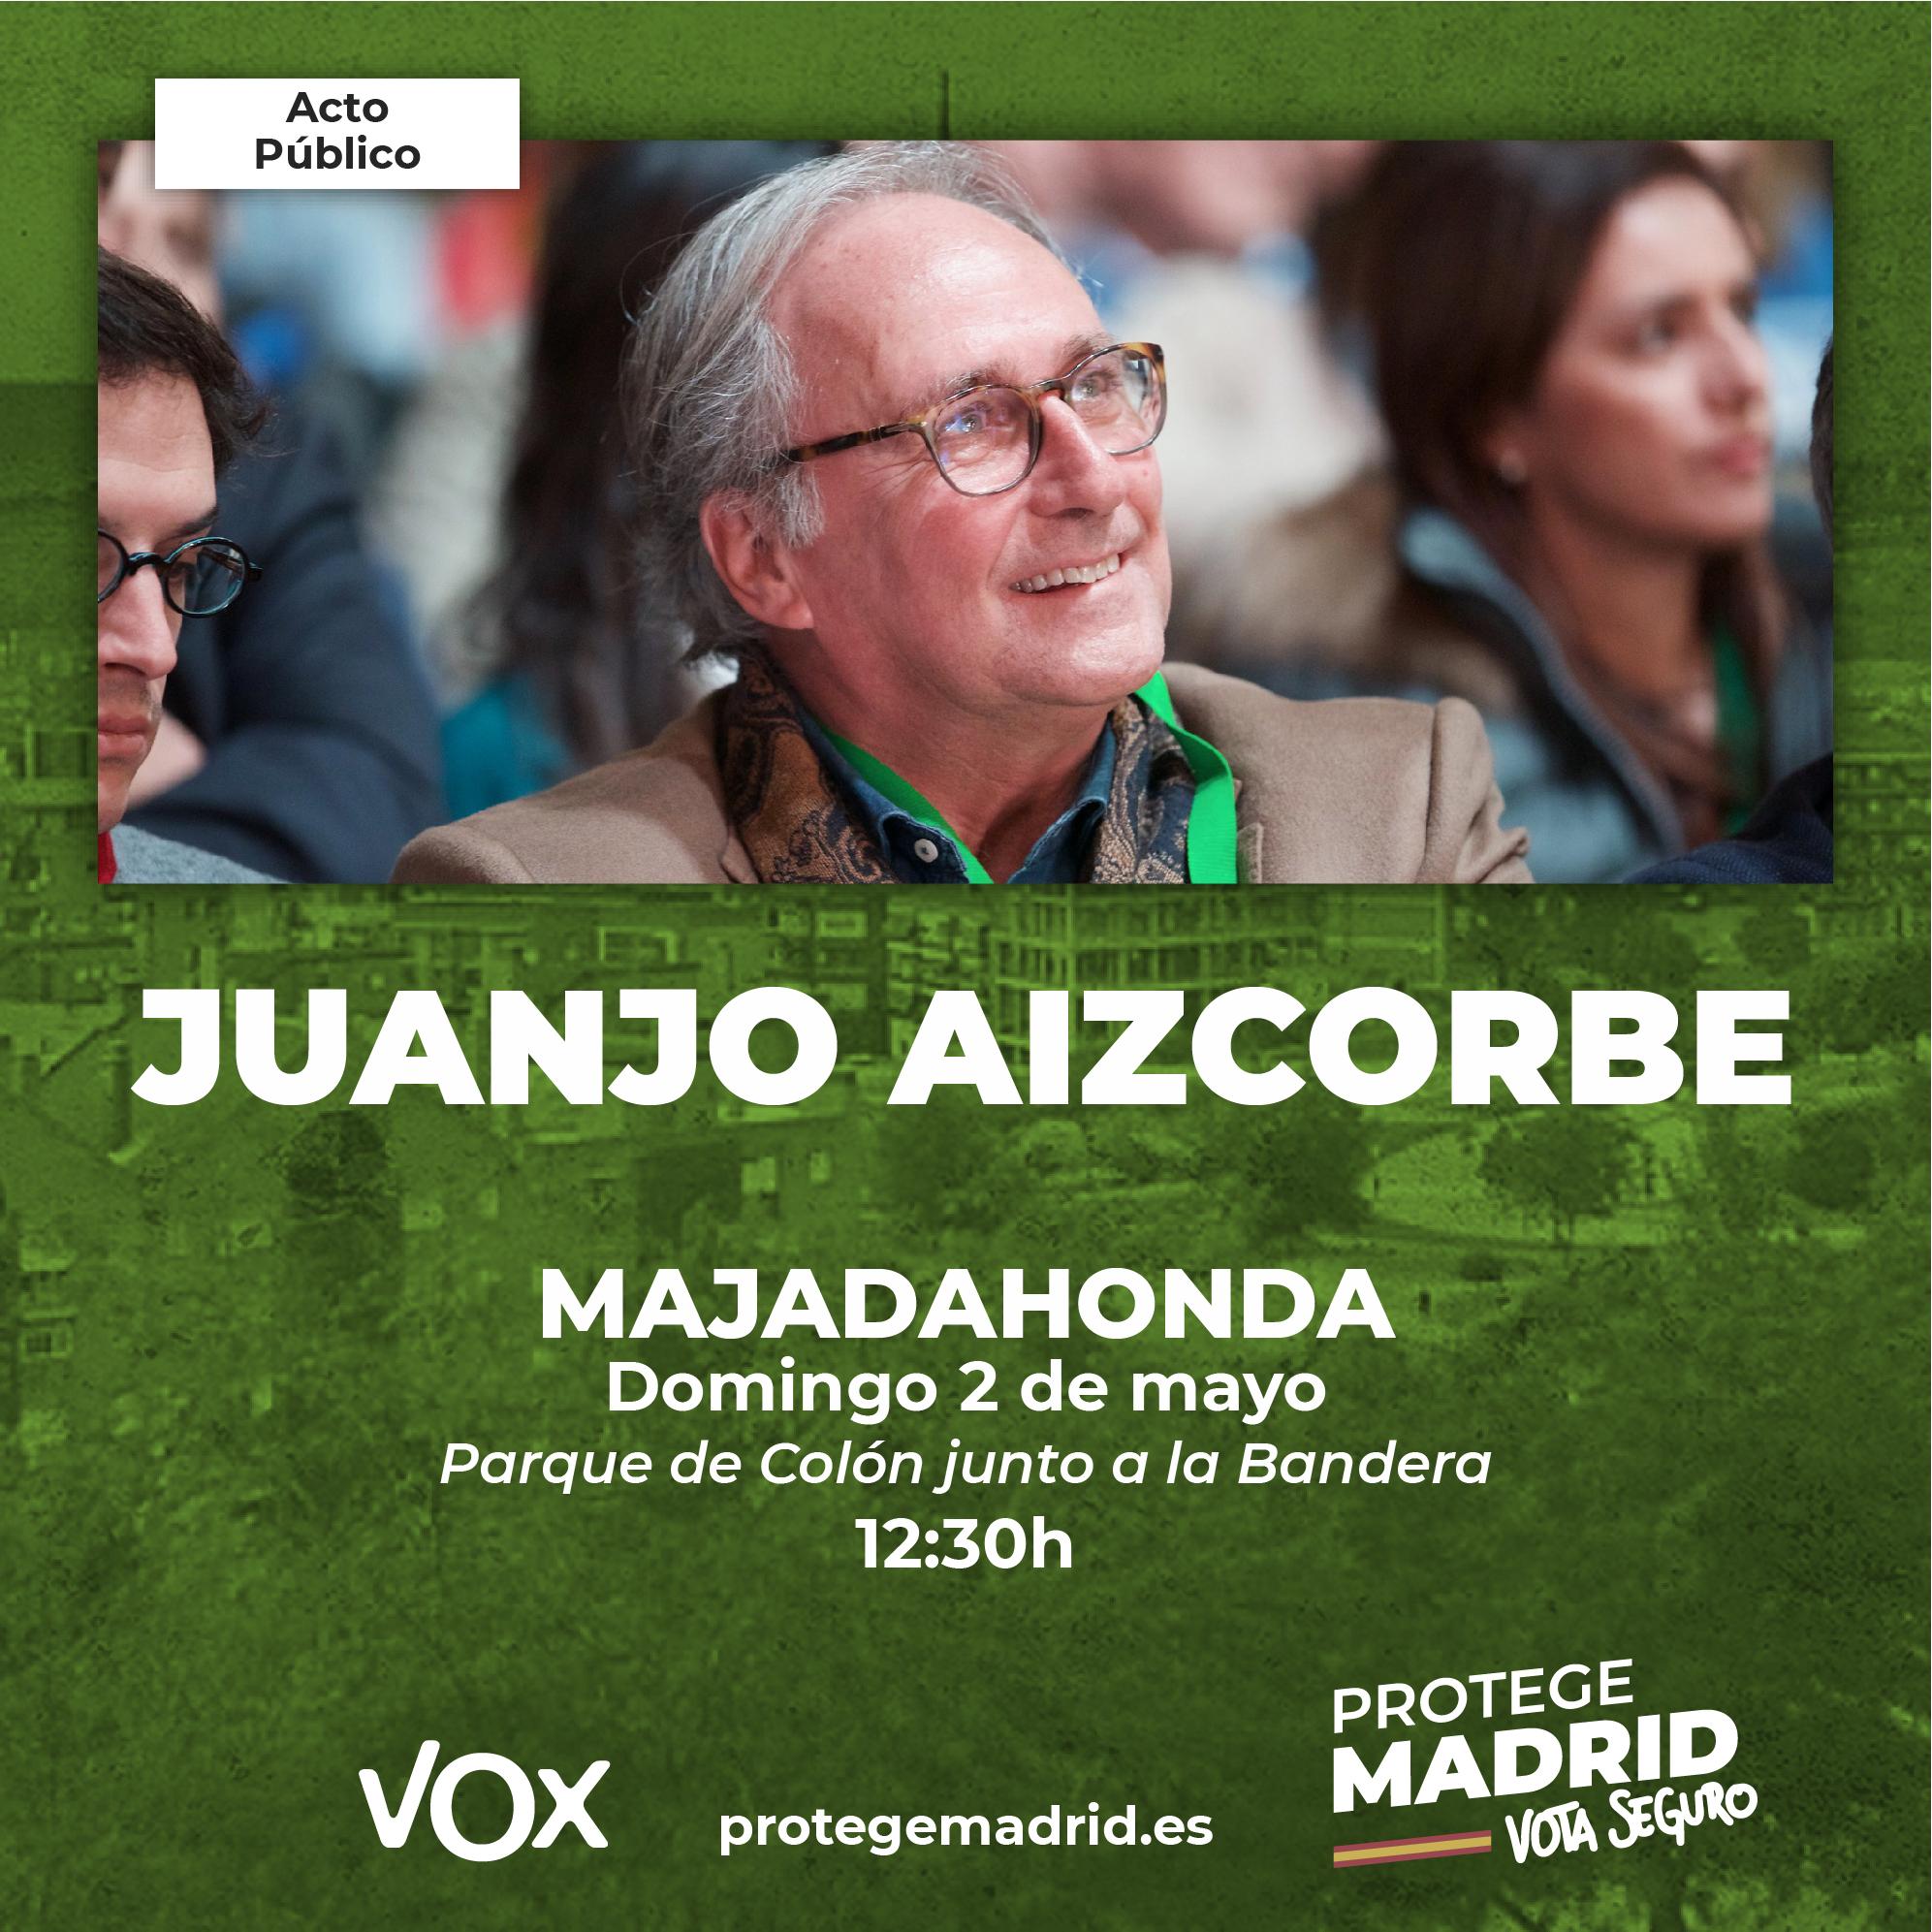 Juanjo Aizcorbe estará en Majadahonda